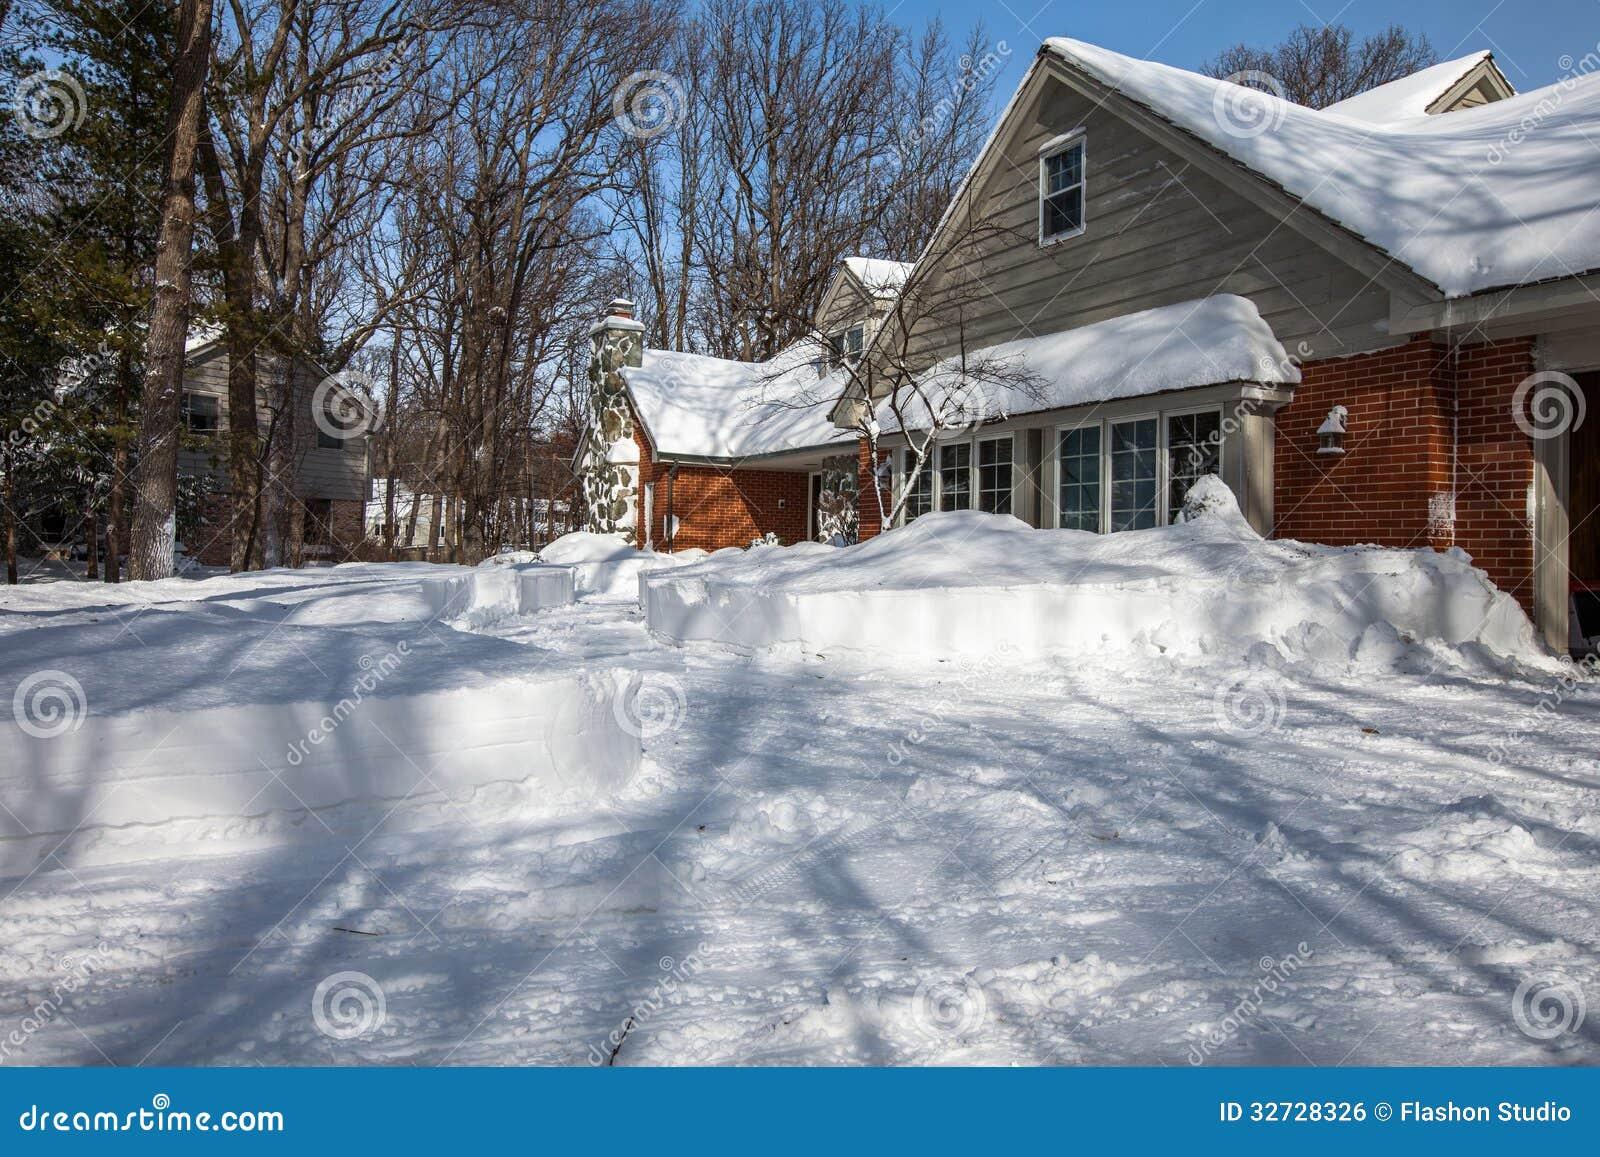 Het huiswerf van noord amerika residemtial met diepe sneeuw wordt behandeld die stock foto - Het upgraden van m ...